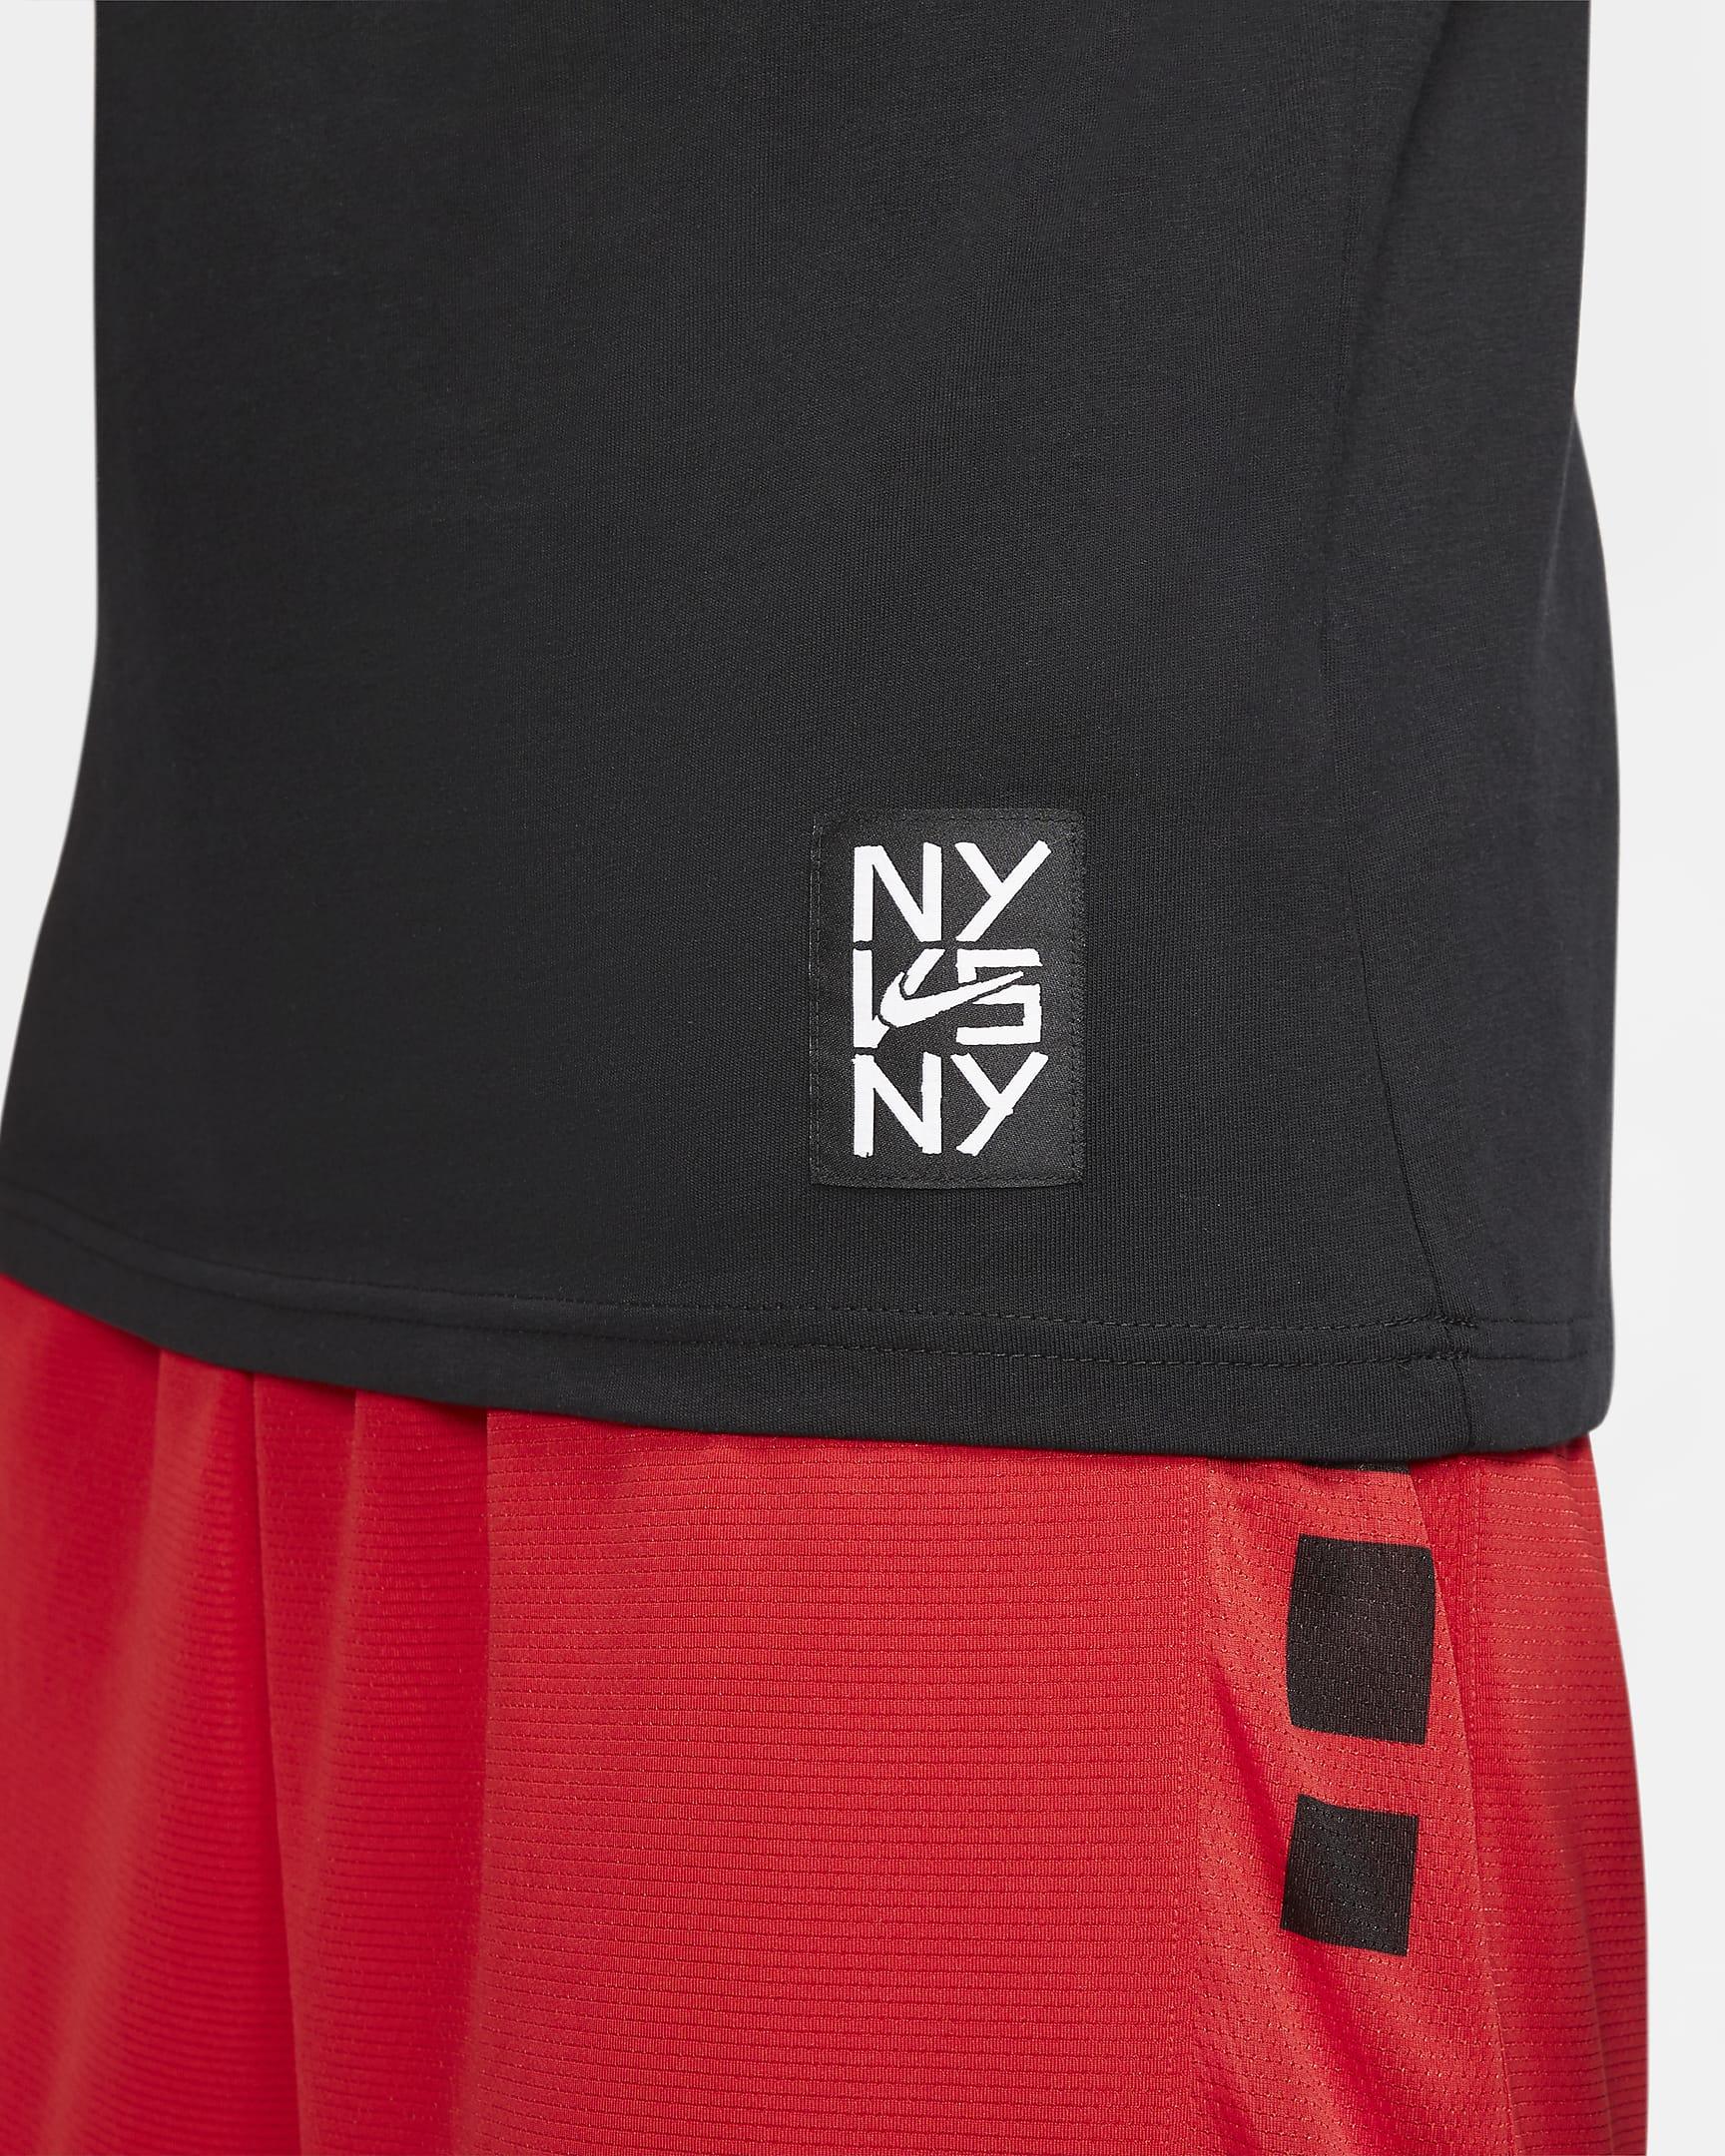 ny-vs-ny-lincoln-park-mens-basketball-t-shirt-kL1qnL-2.png